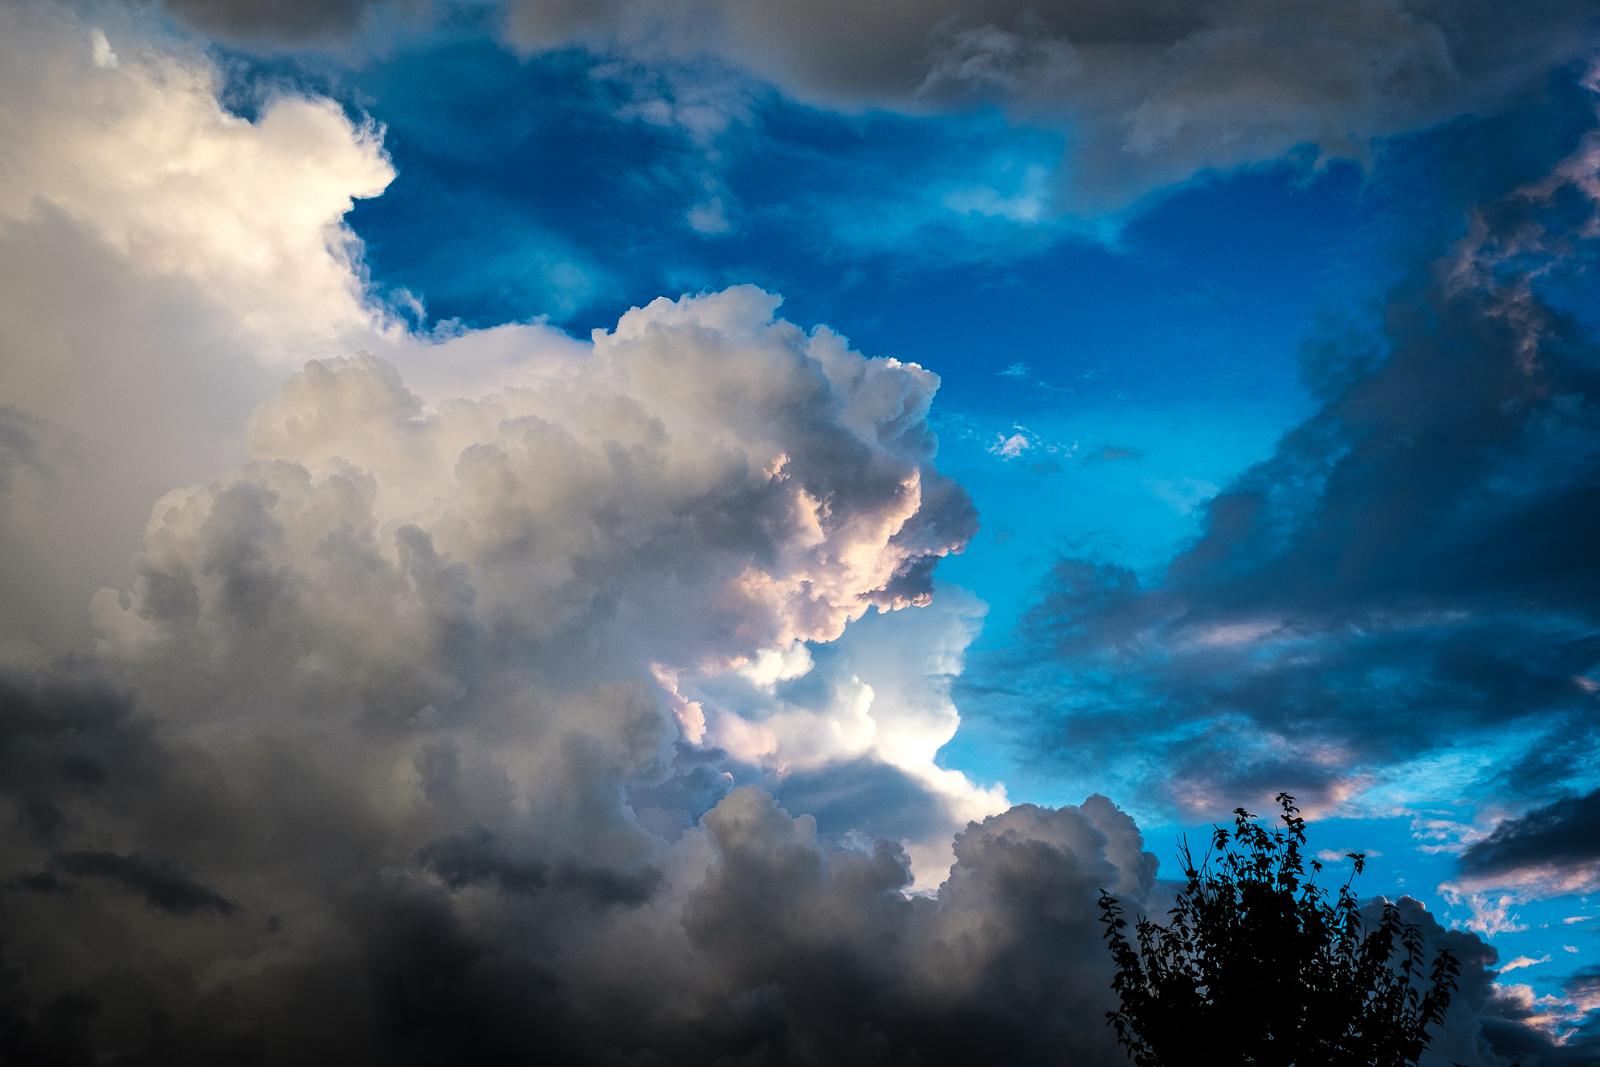 Break In The Clouds